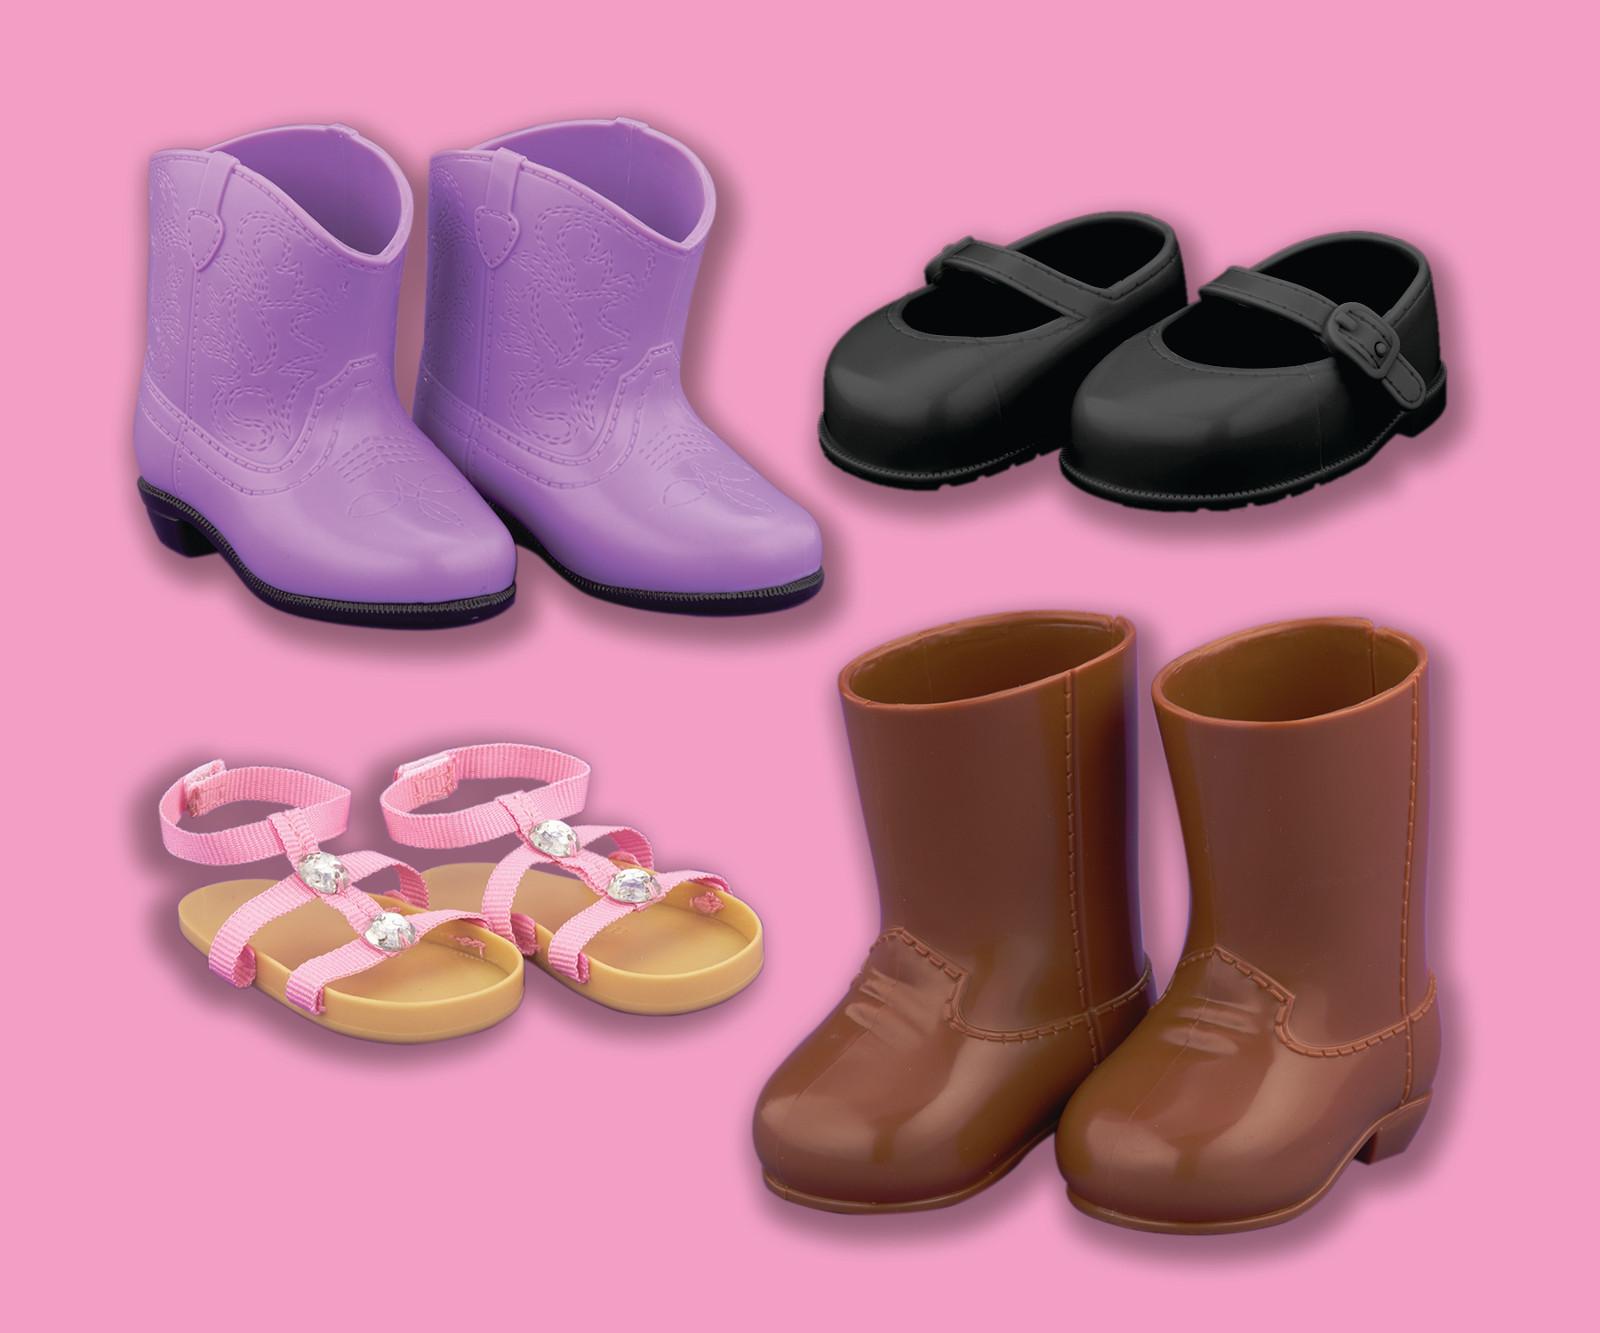 """Funrise Toy 18"""" Doll Shoes 4-Pack PartNumber: 004W003670307005P KsnValue: 3670307 MfgPartNumber: 24799"""